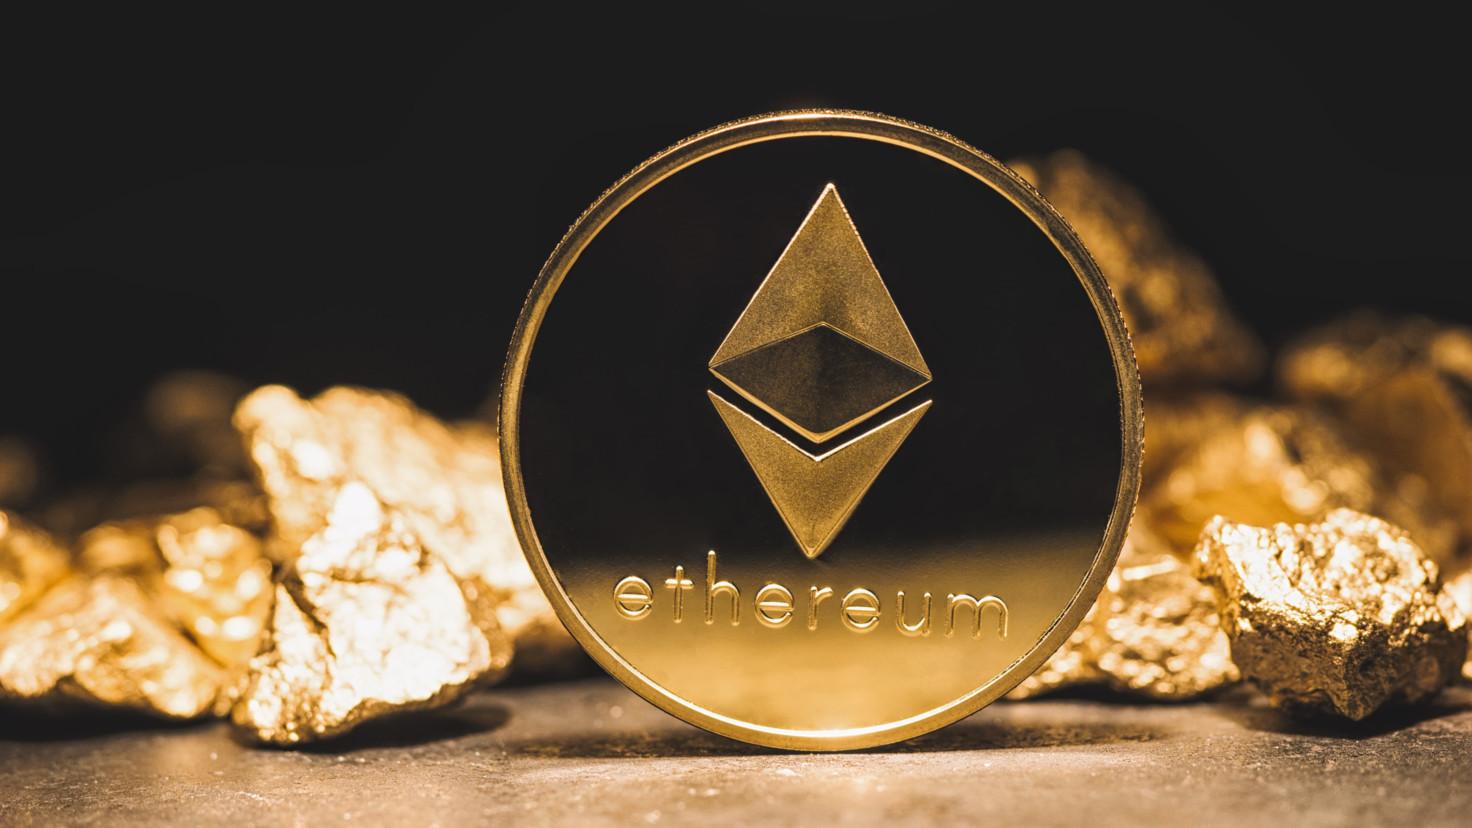 Ethereum price analysis: turning bearish below $190.00 level ...